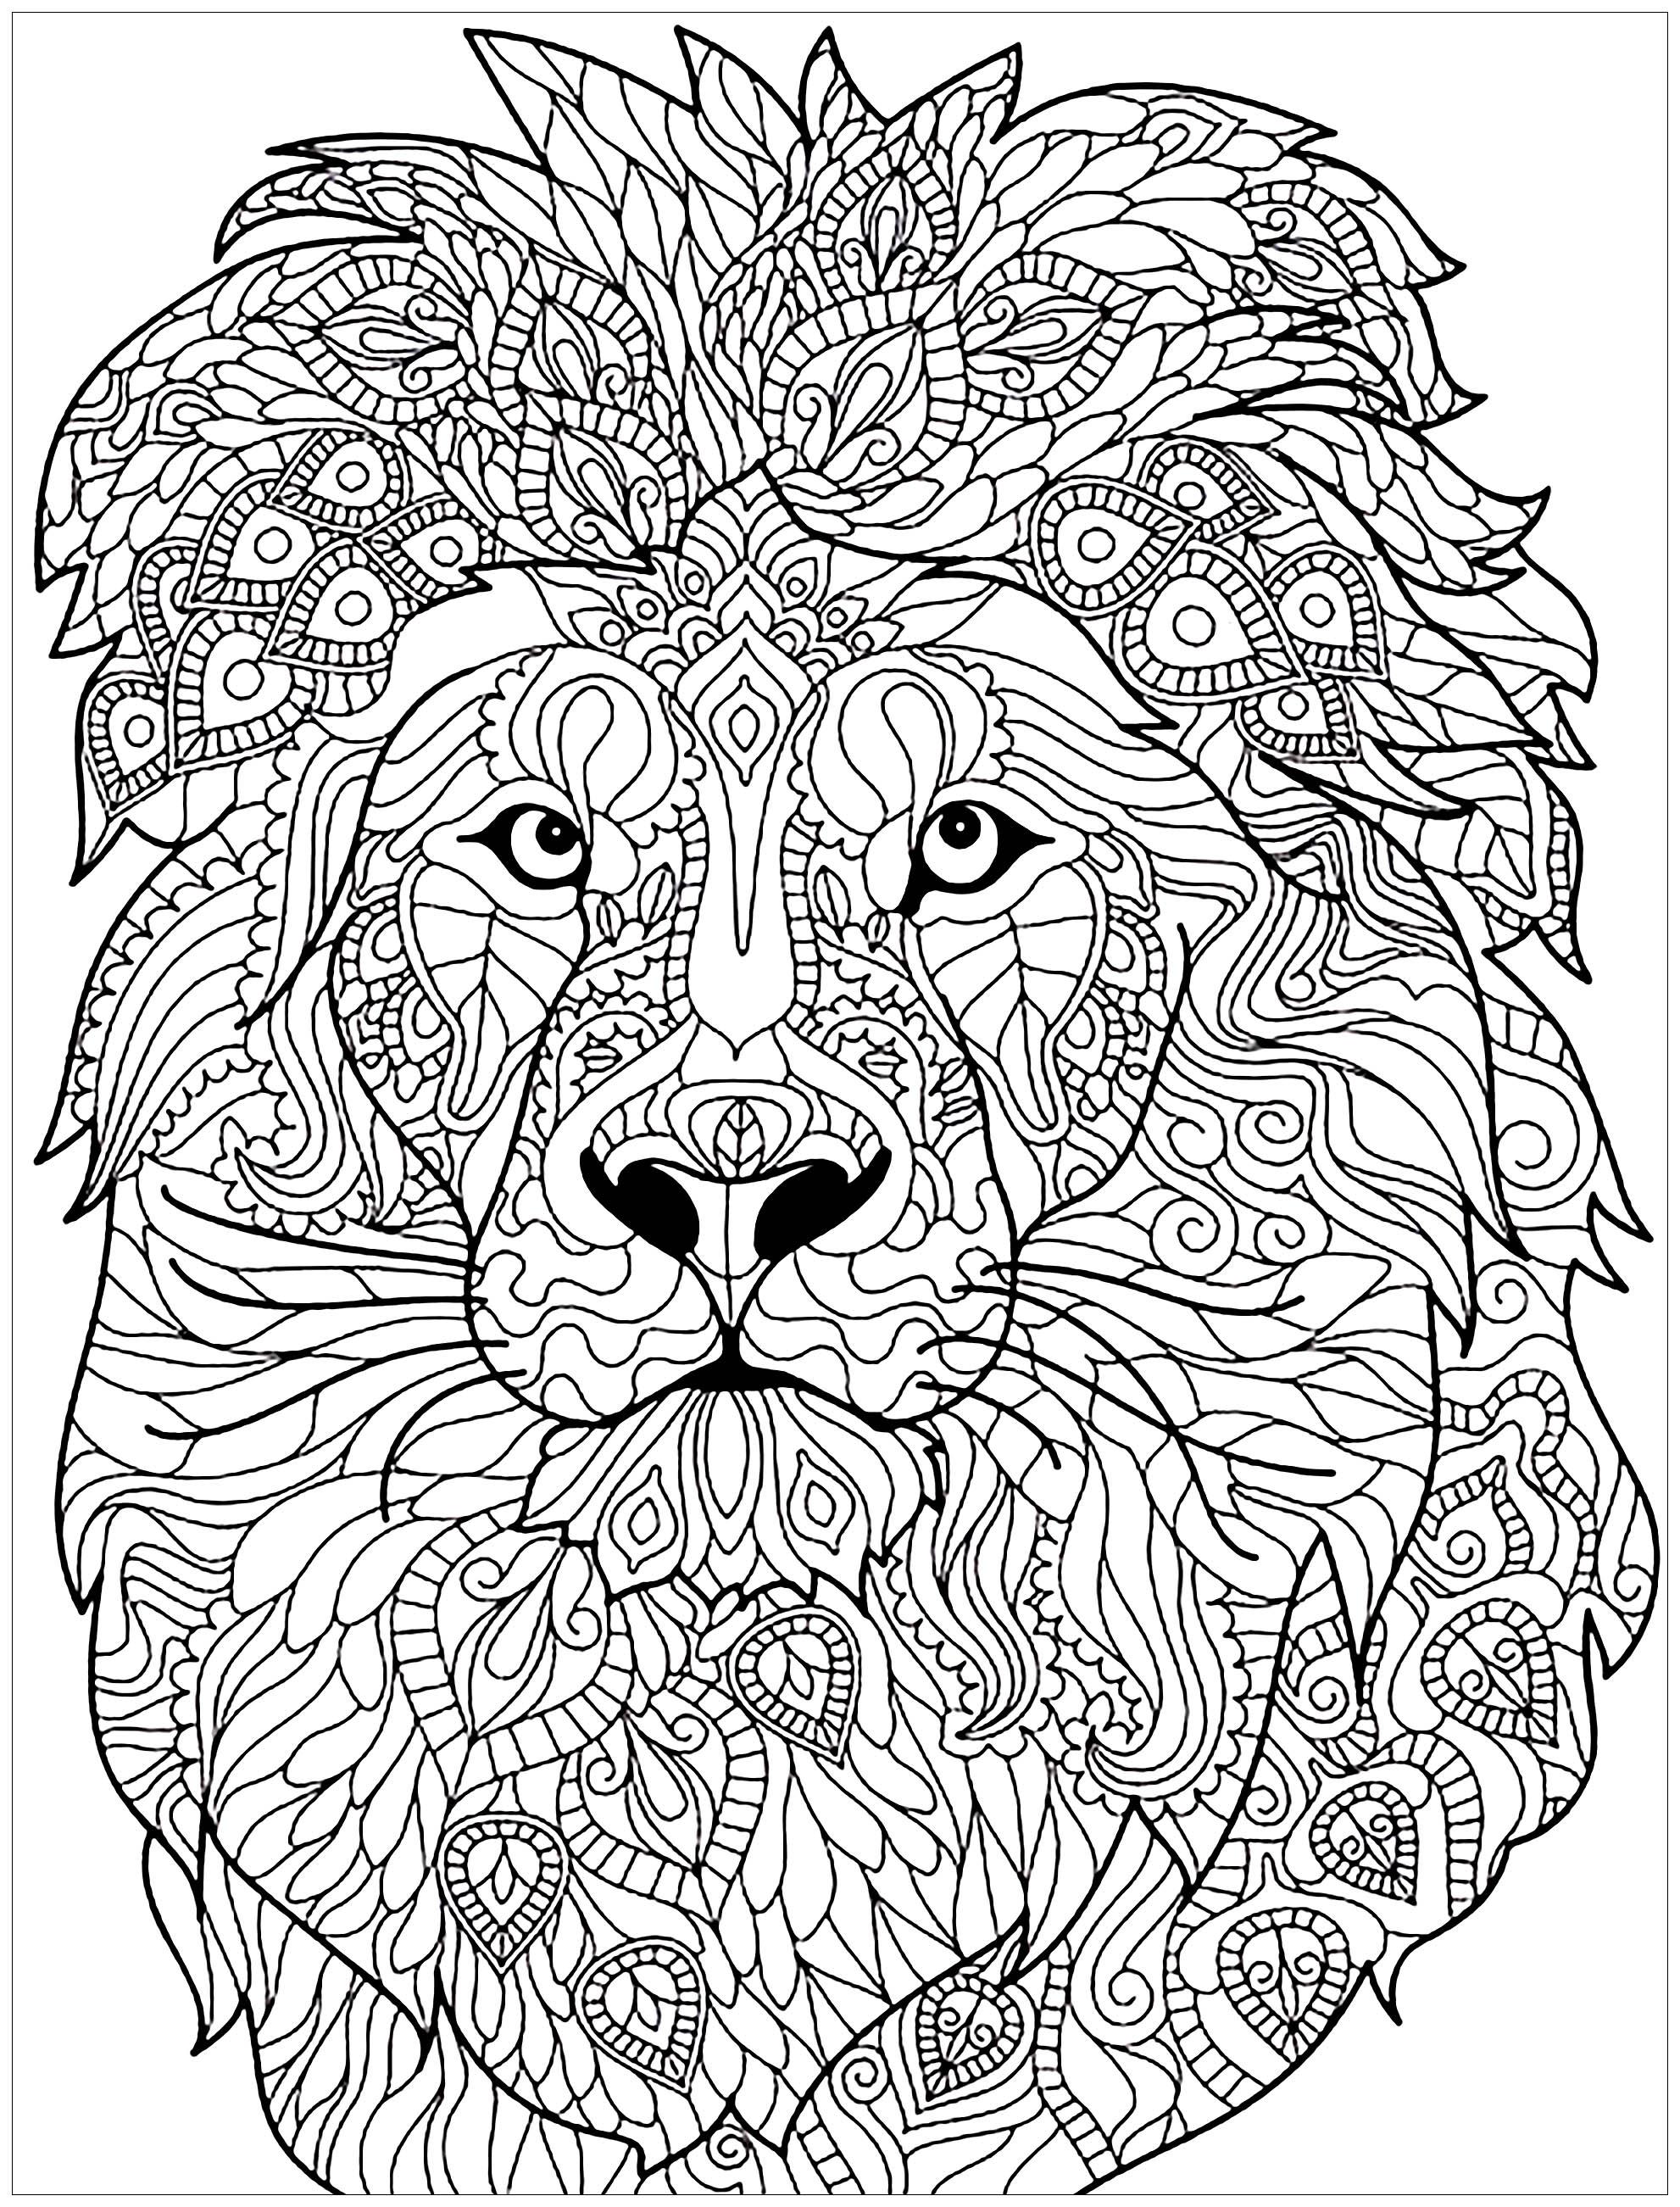 Coloriages A Imprimer Lion Numero 477bf99c